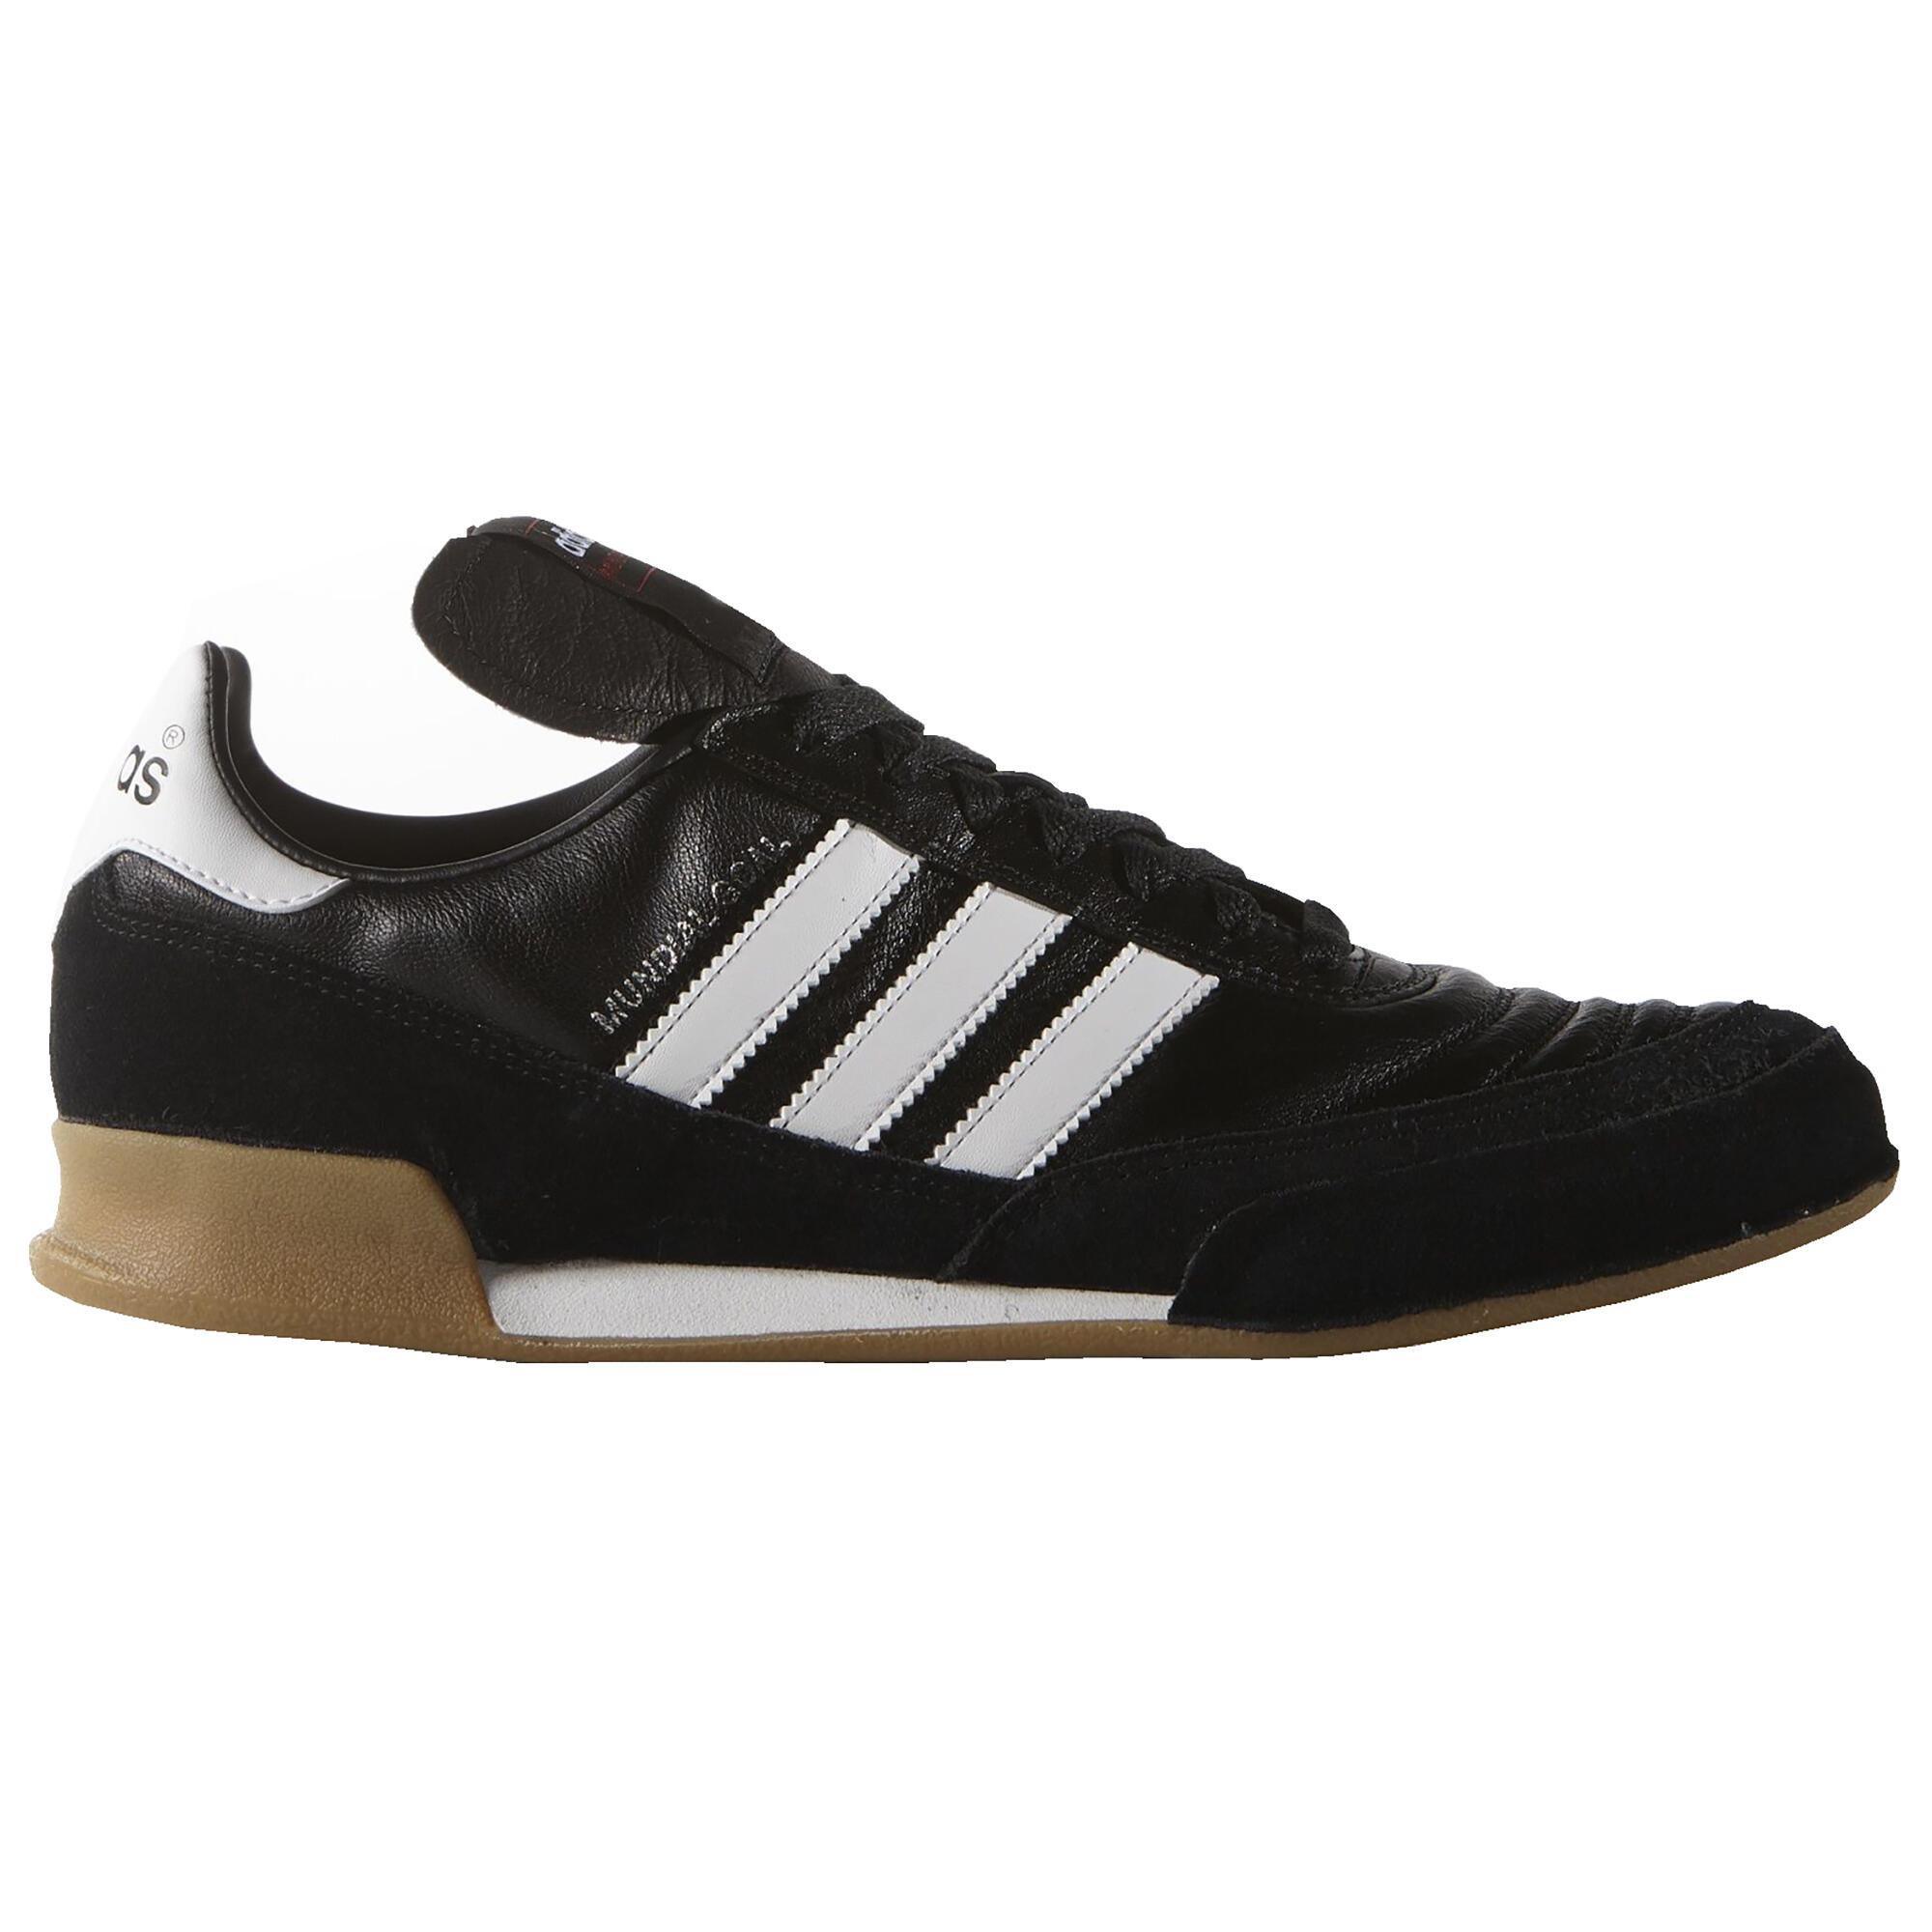 Comprar Zapatillas y Botas de Fútbol Sala Adultos  0a42440cc4008